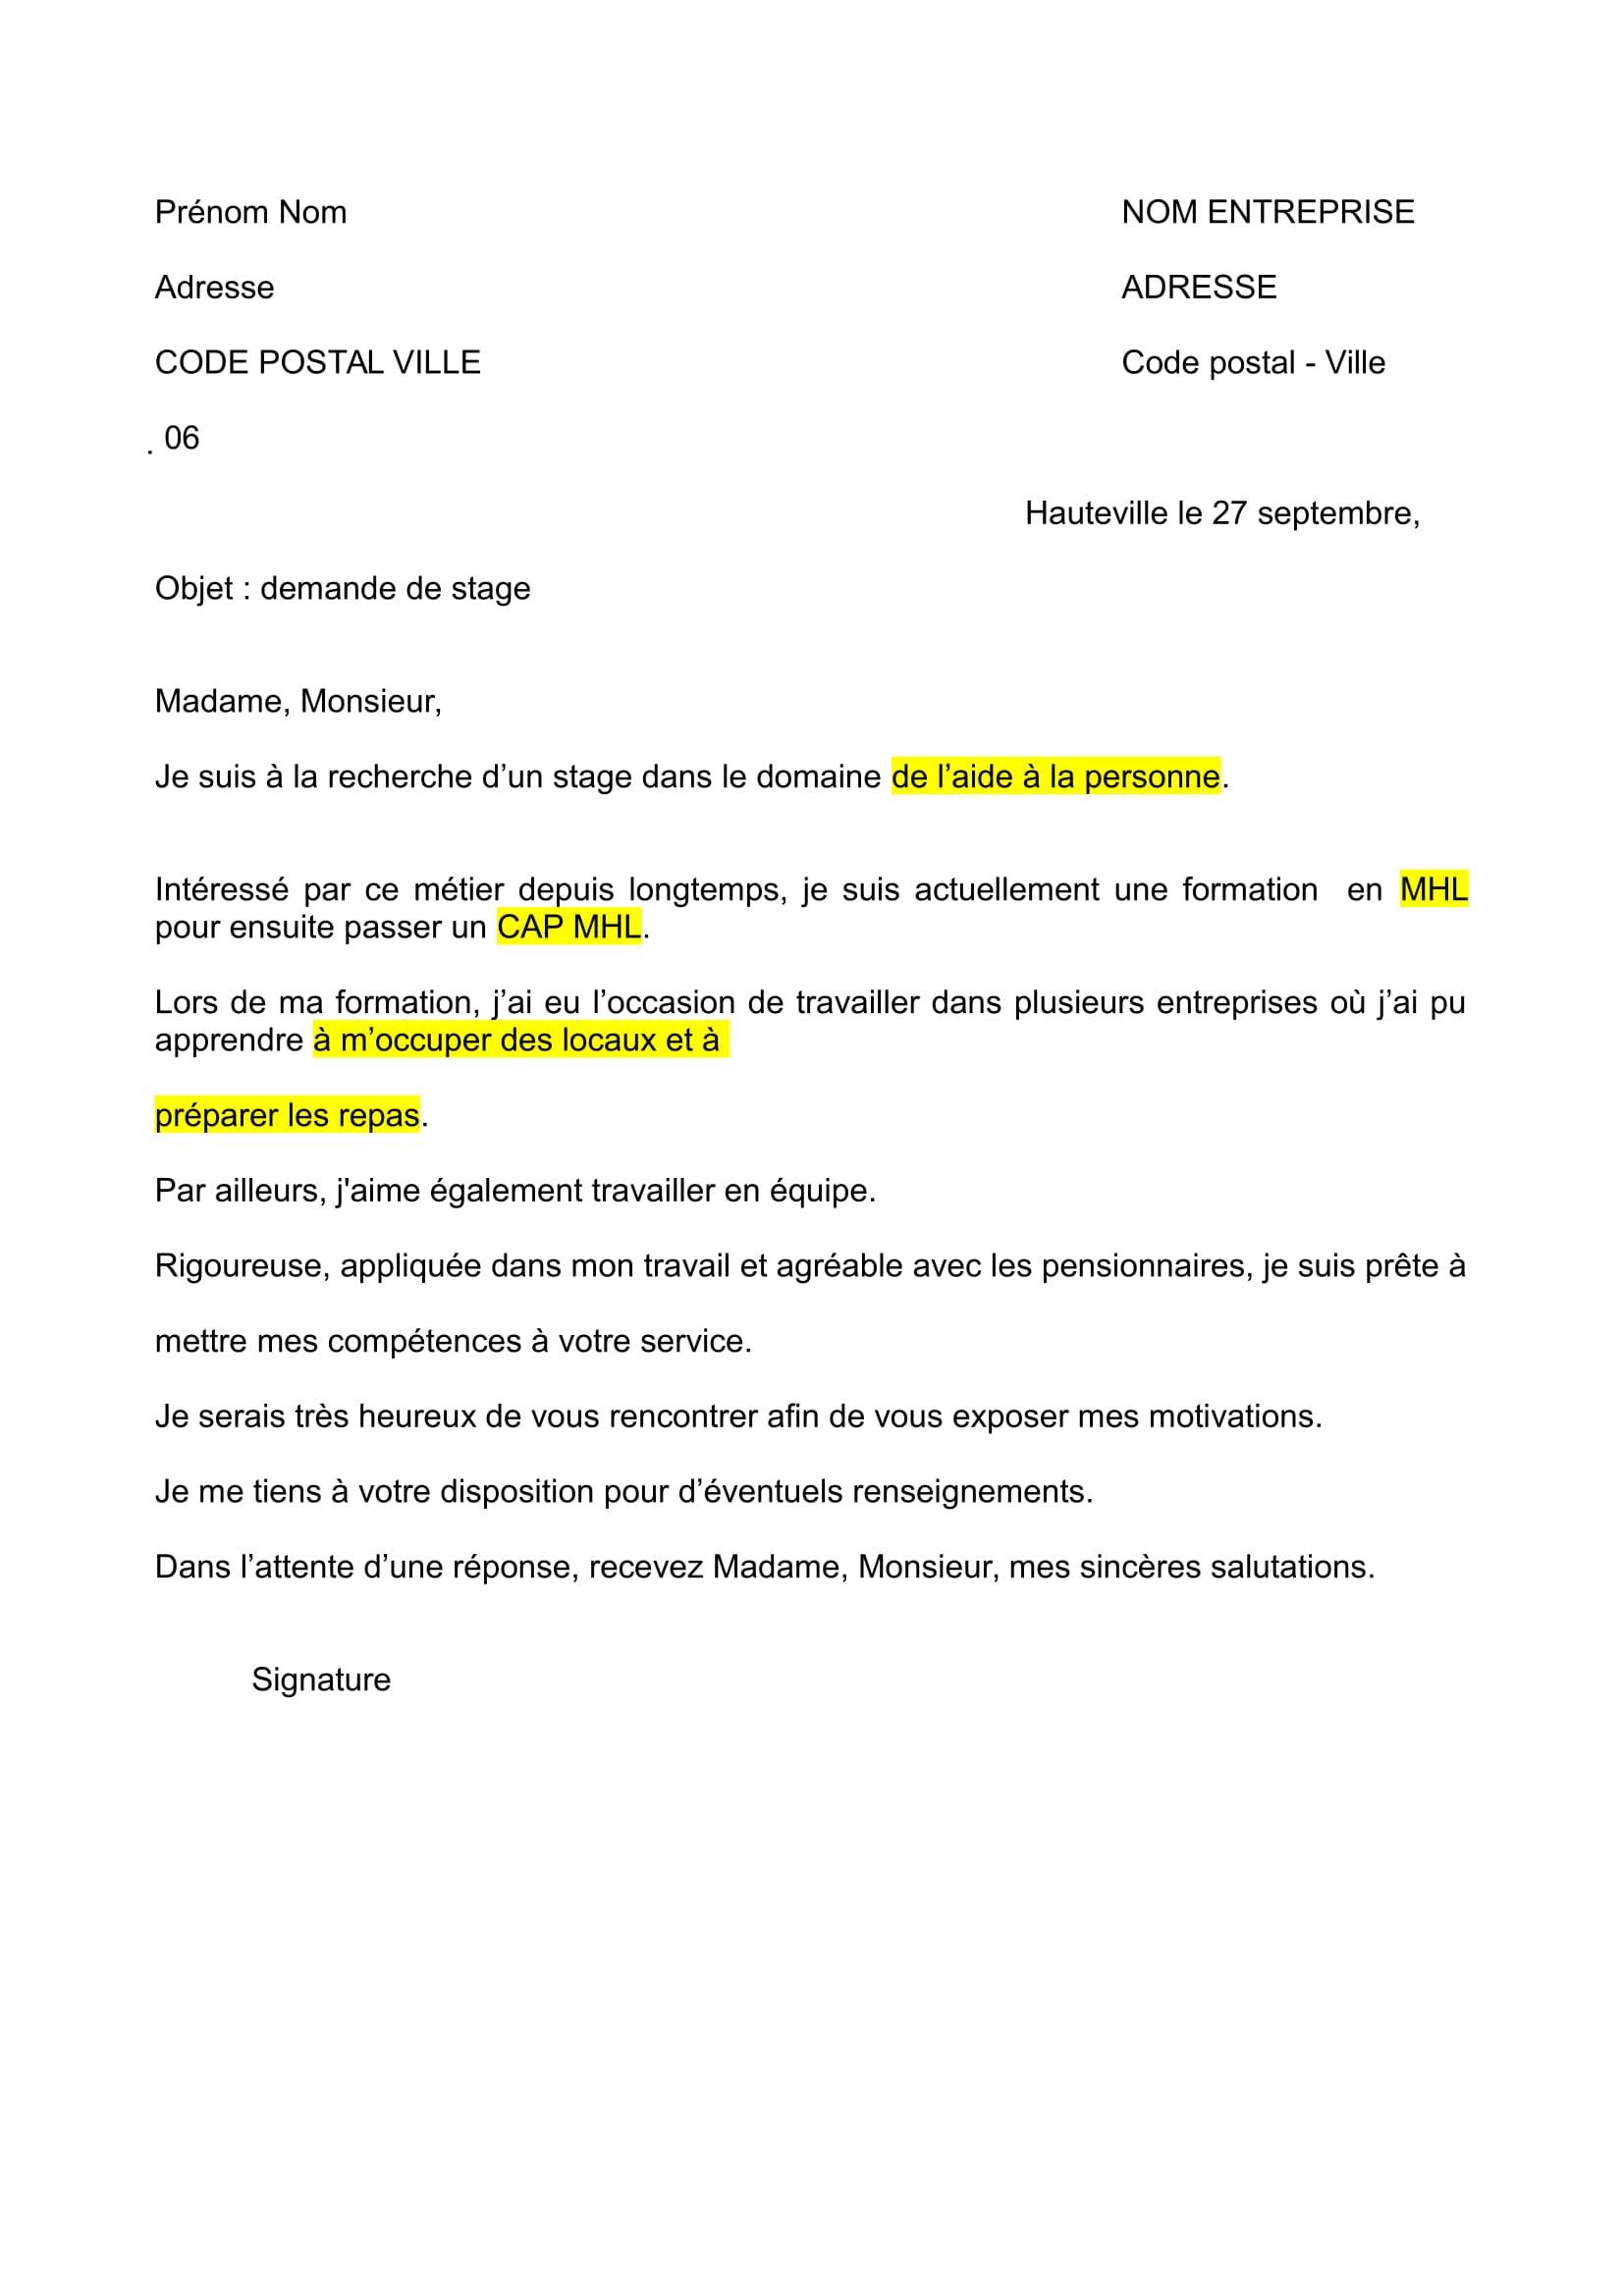 production d u2019 u00e9crit  la lettre de motivation